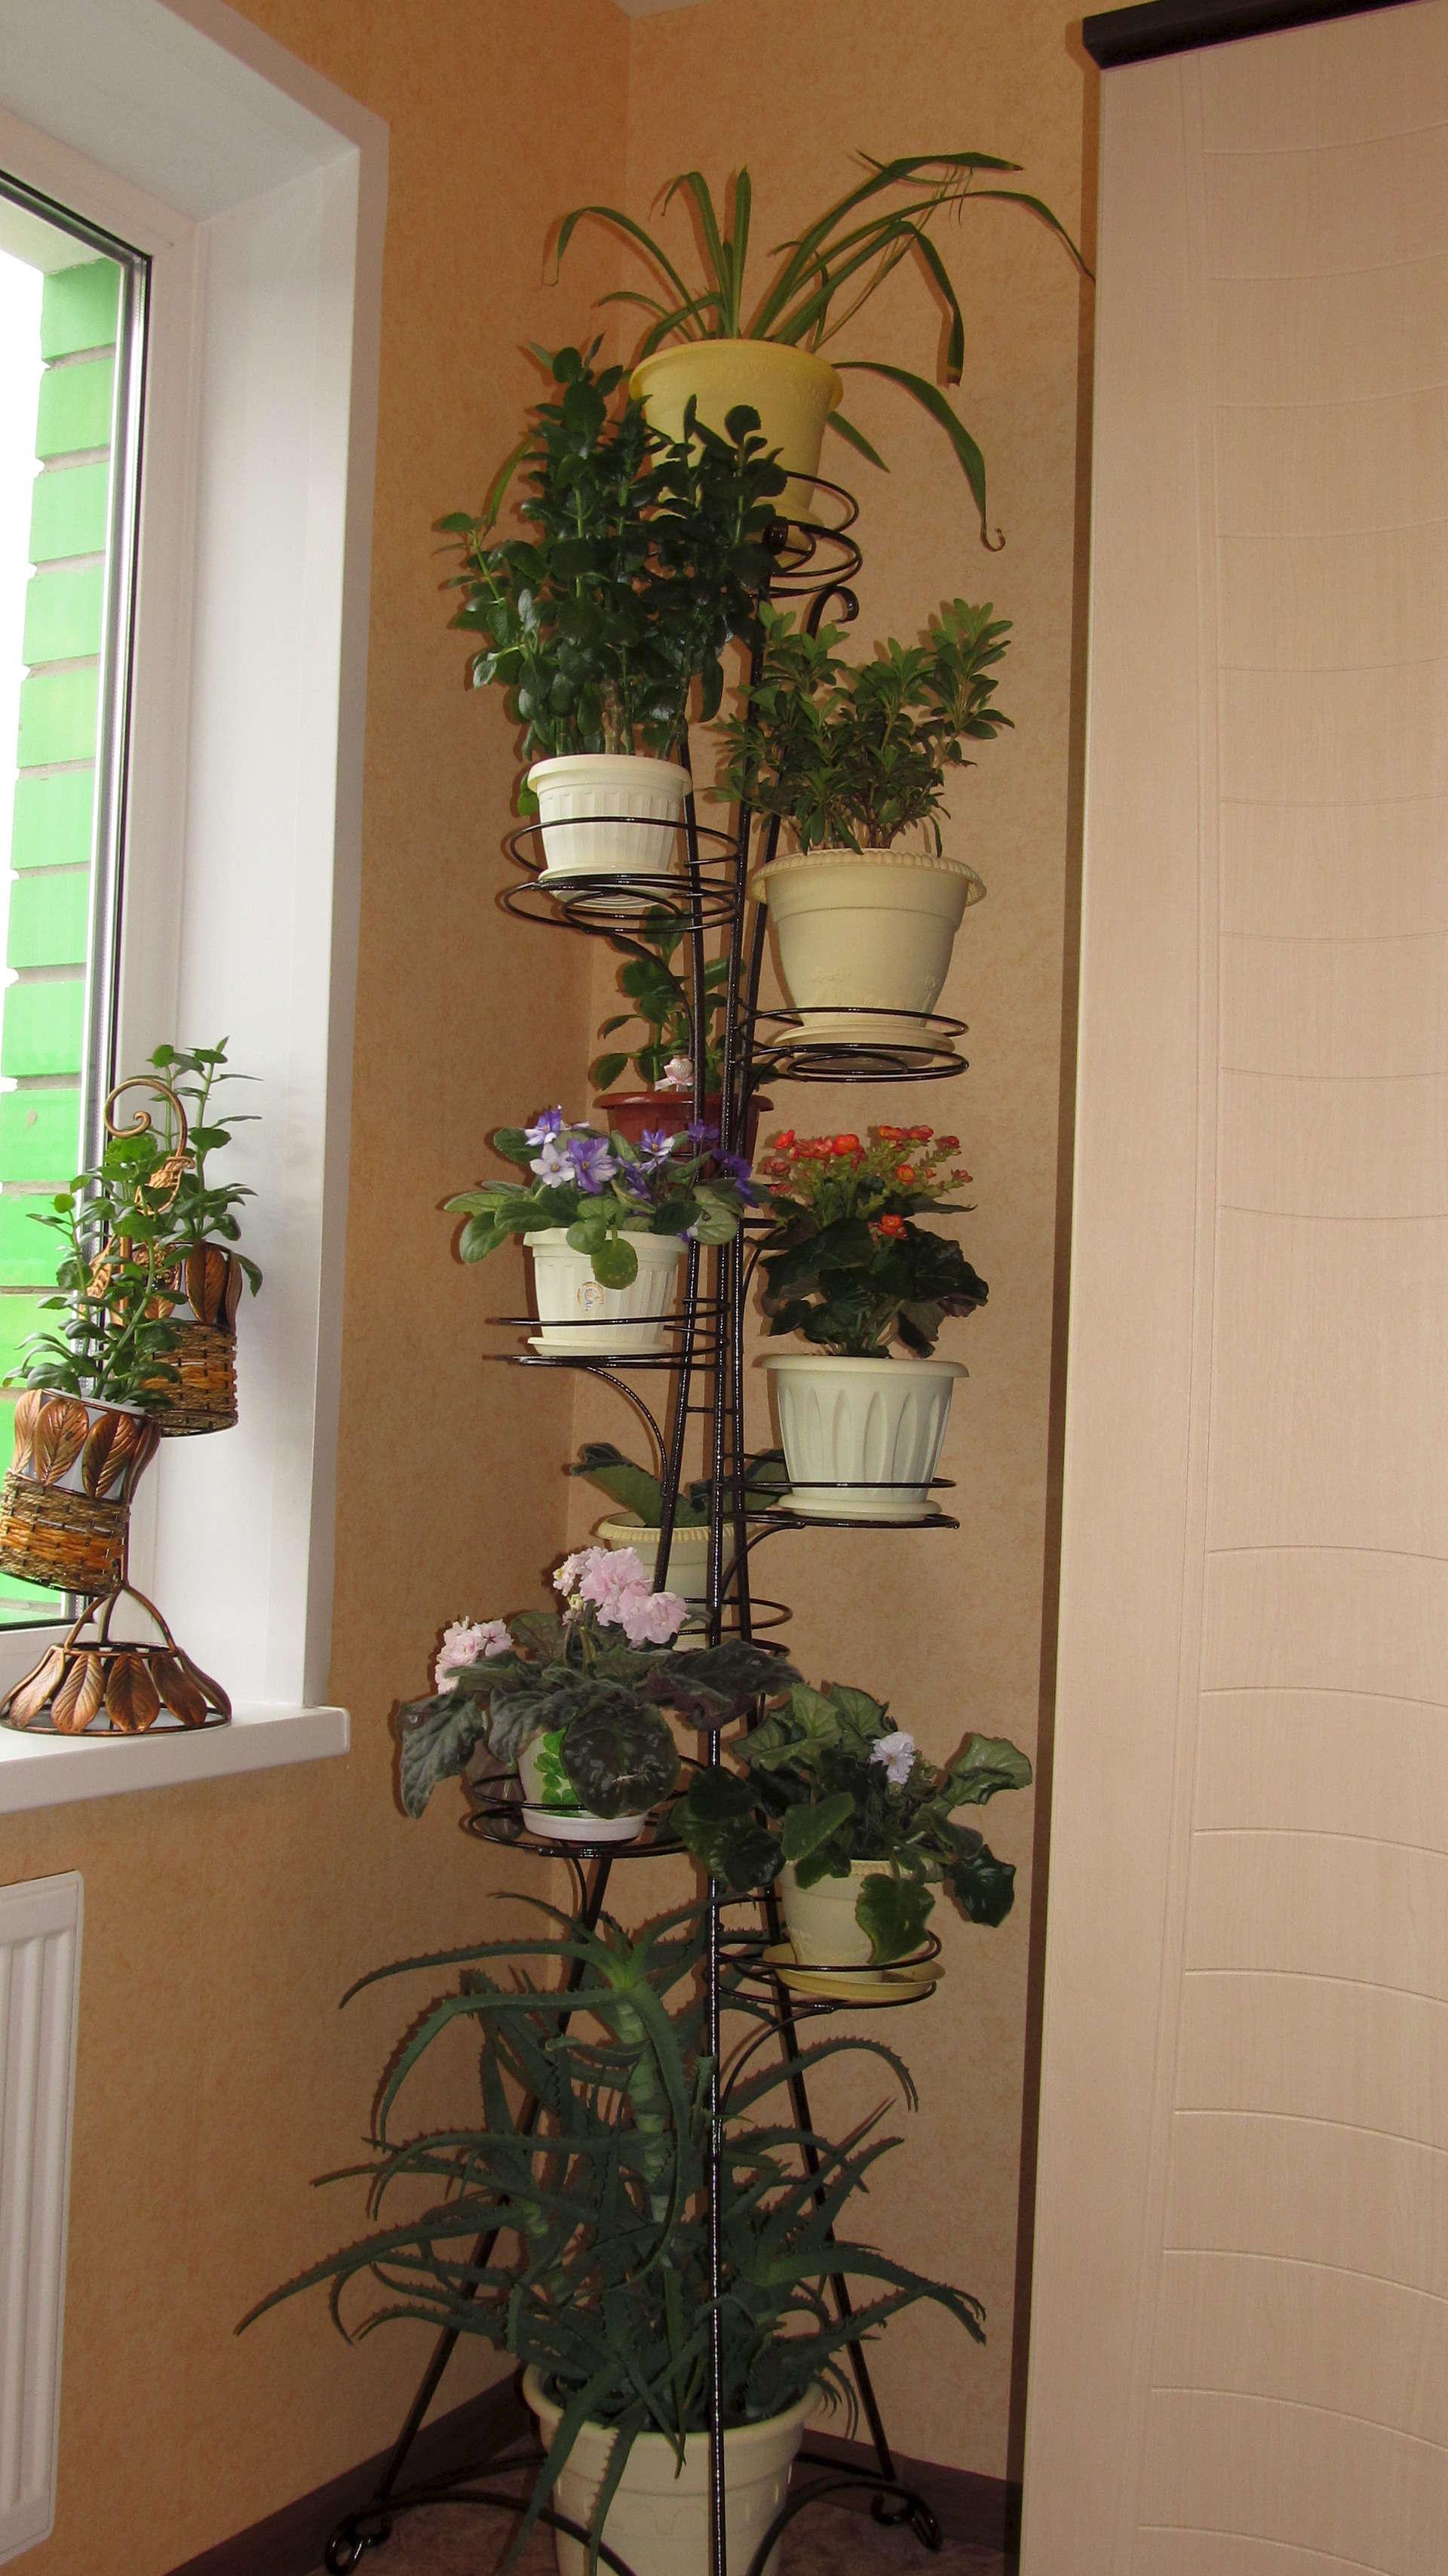 Подставки под цветы напольные купить недорого доставка цветов в санкт-петербурге самые лучшие